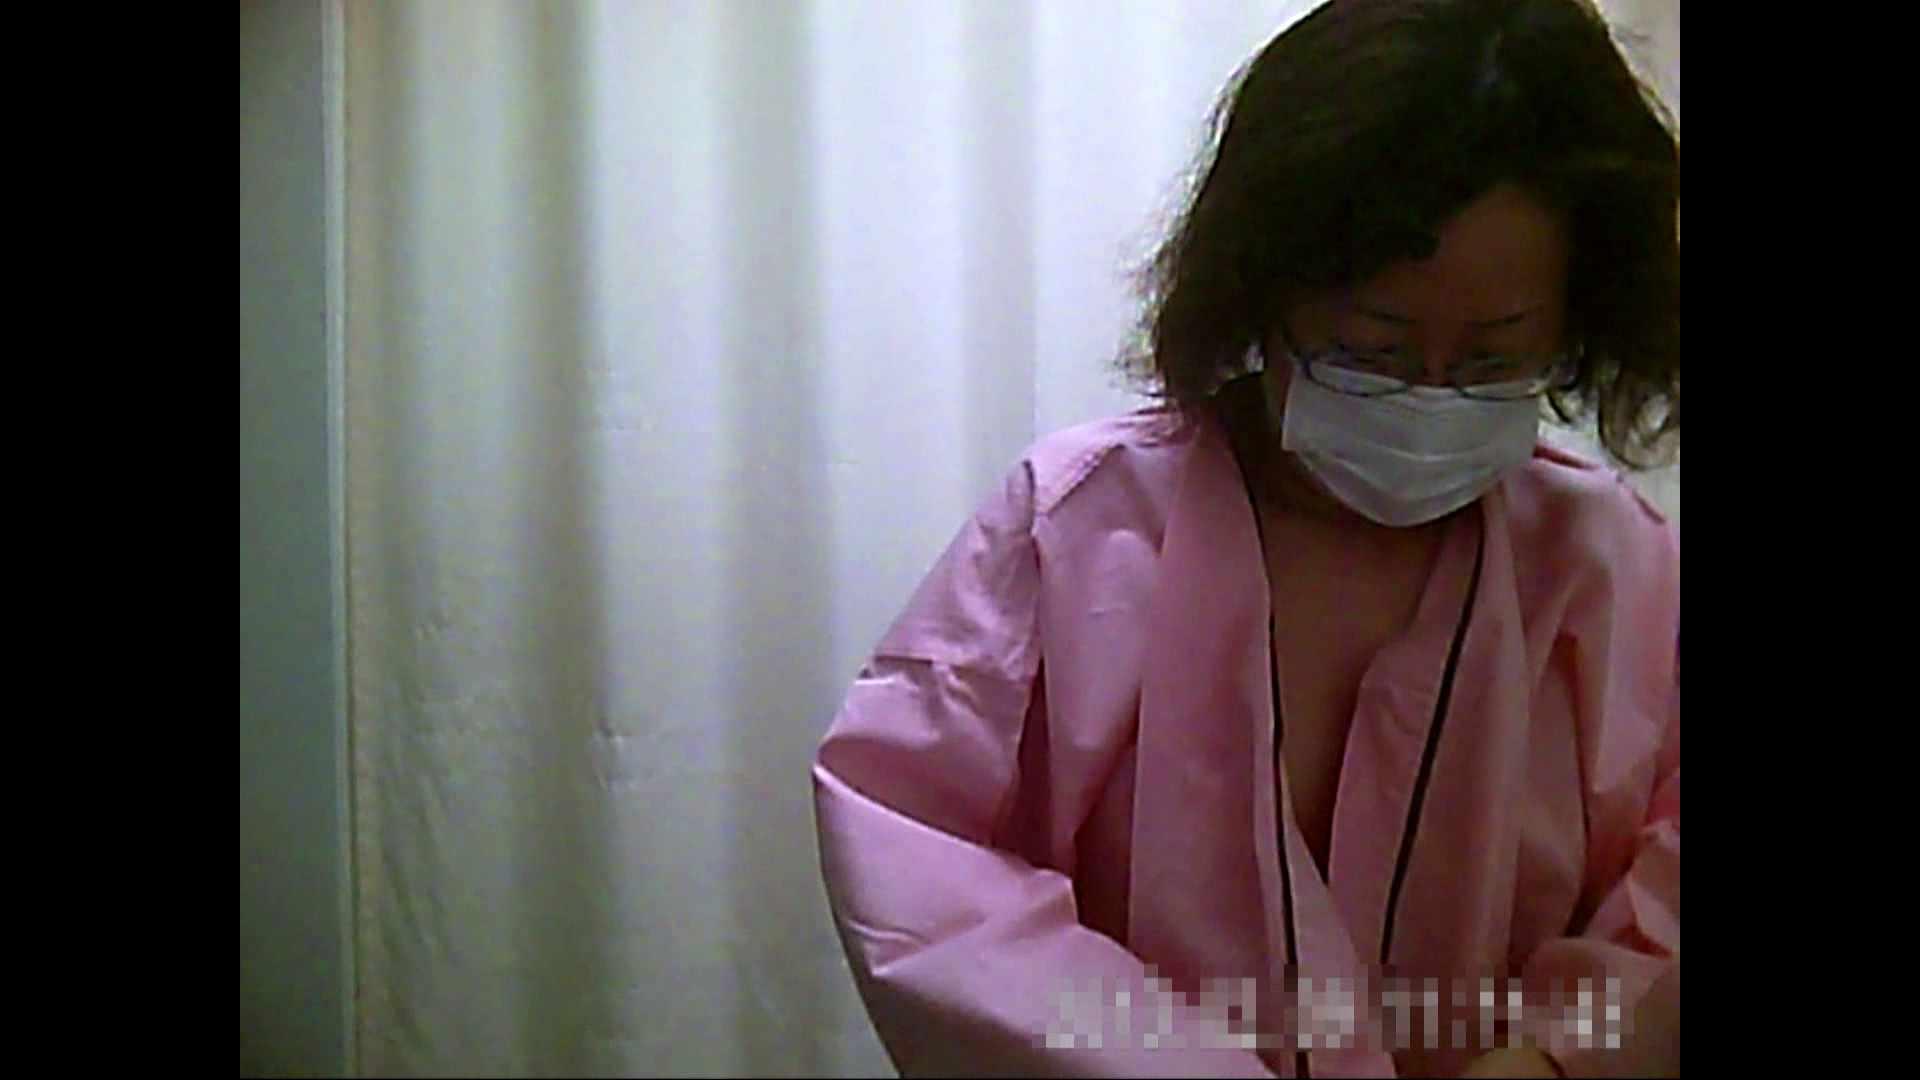 病院おもいっきり着替え! vol.150 着替え オマンコ動画キャプチャ 106画像 6